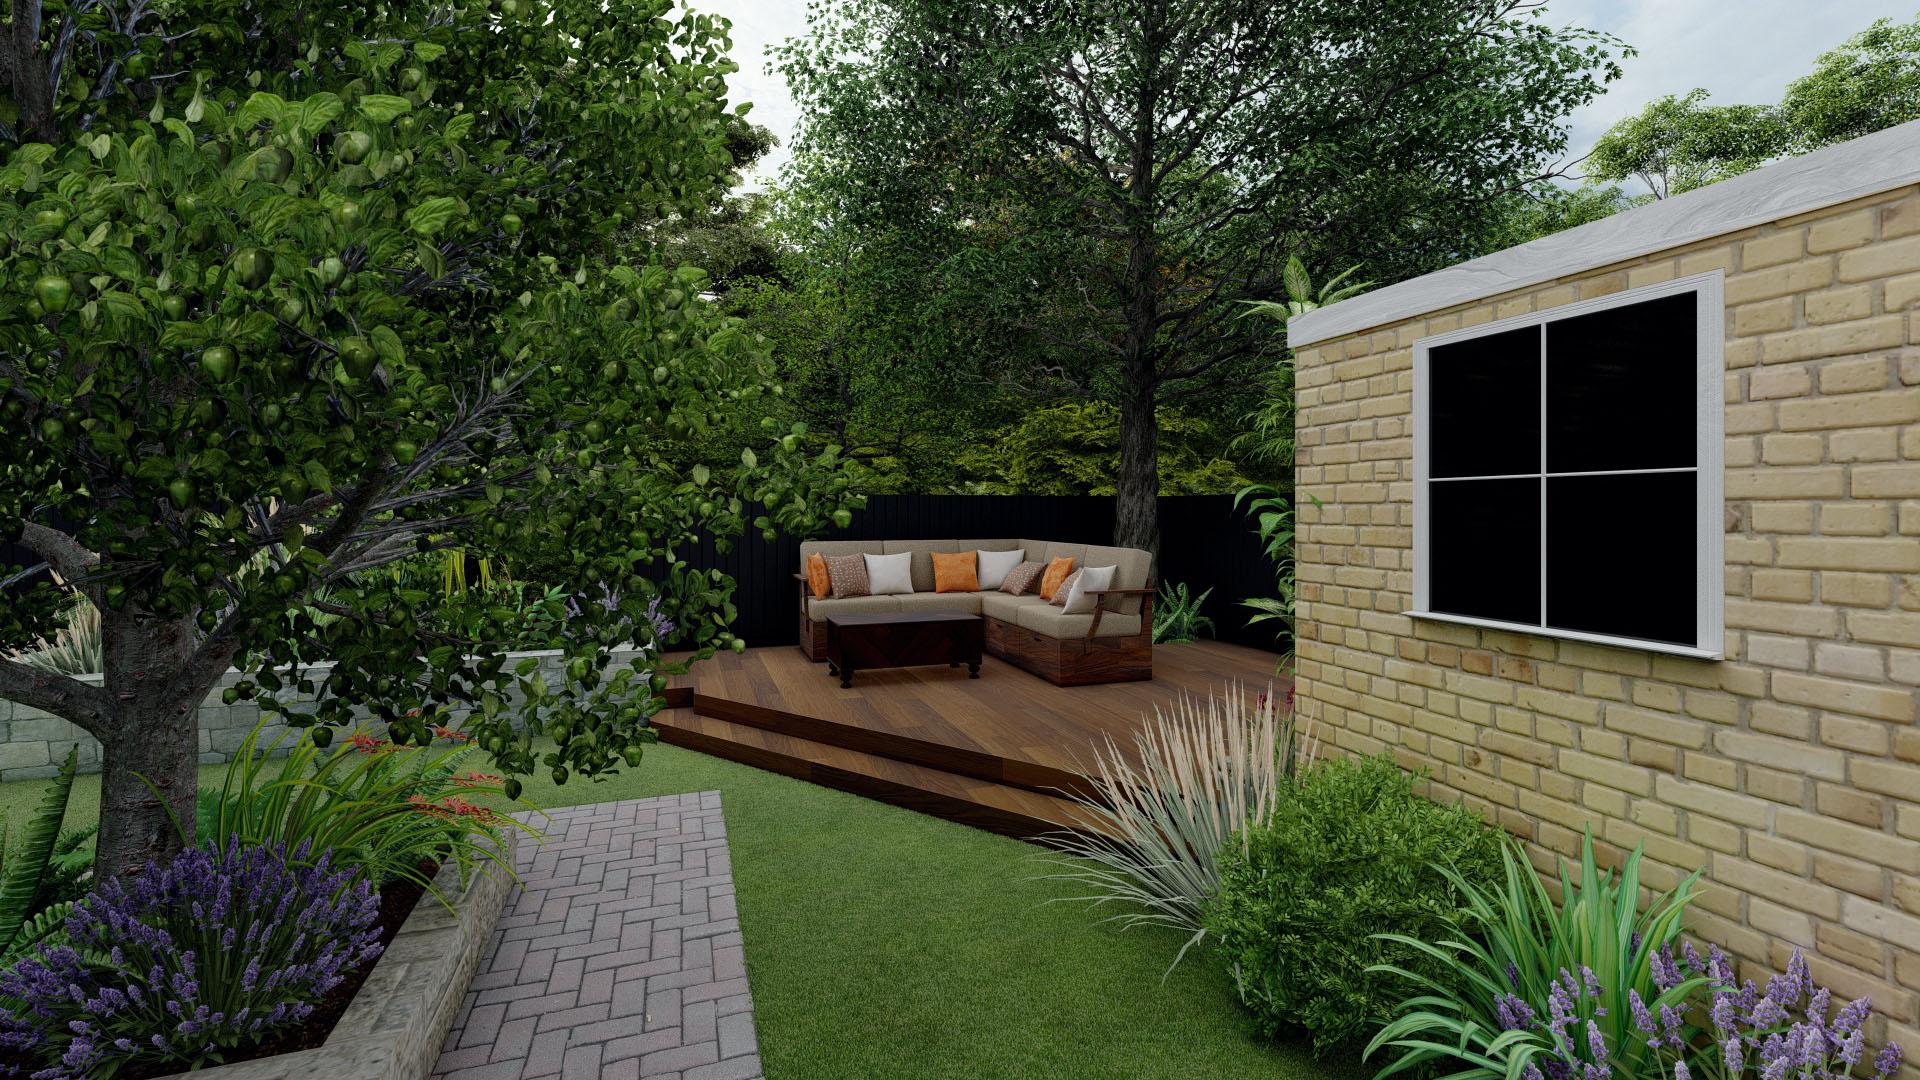 Tuynplan tuin ontwerpen 25 16